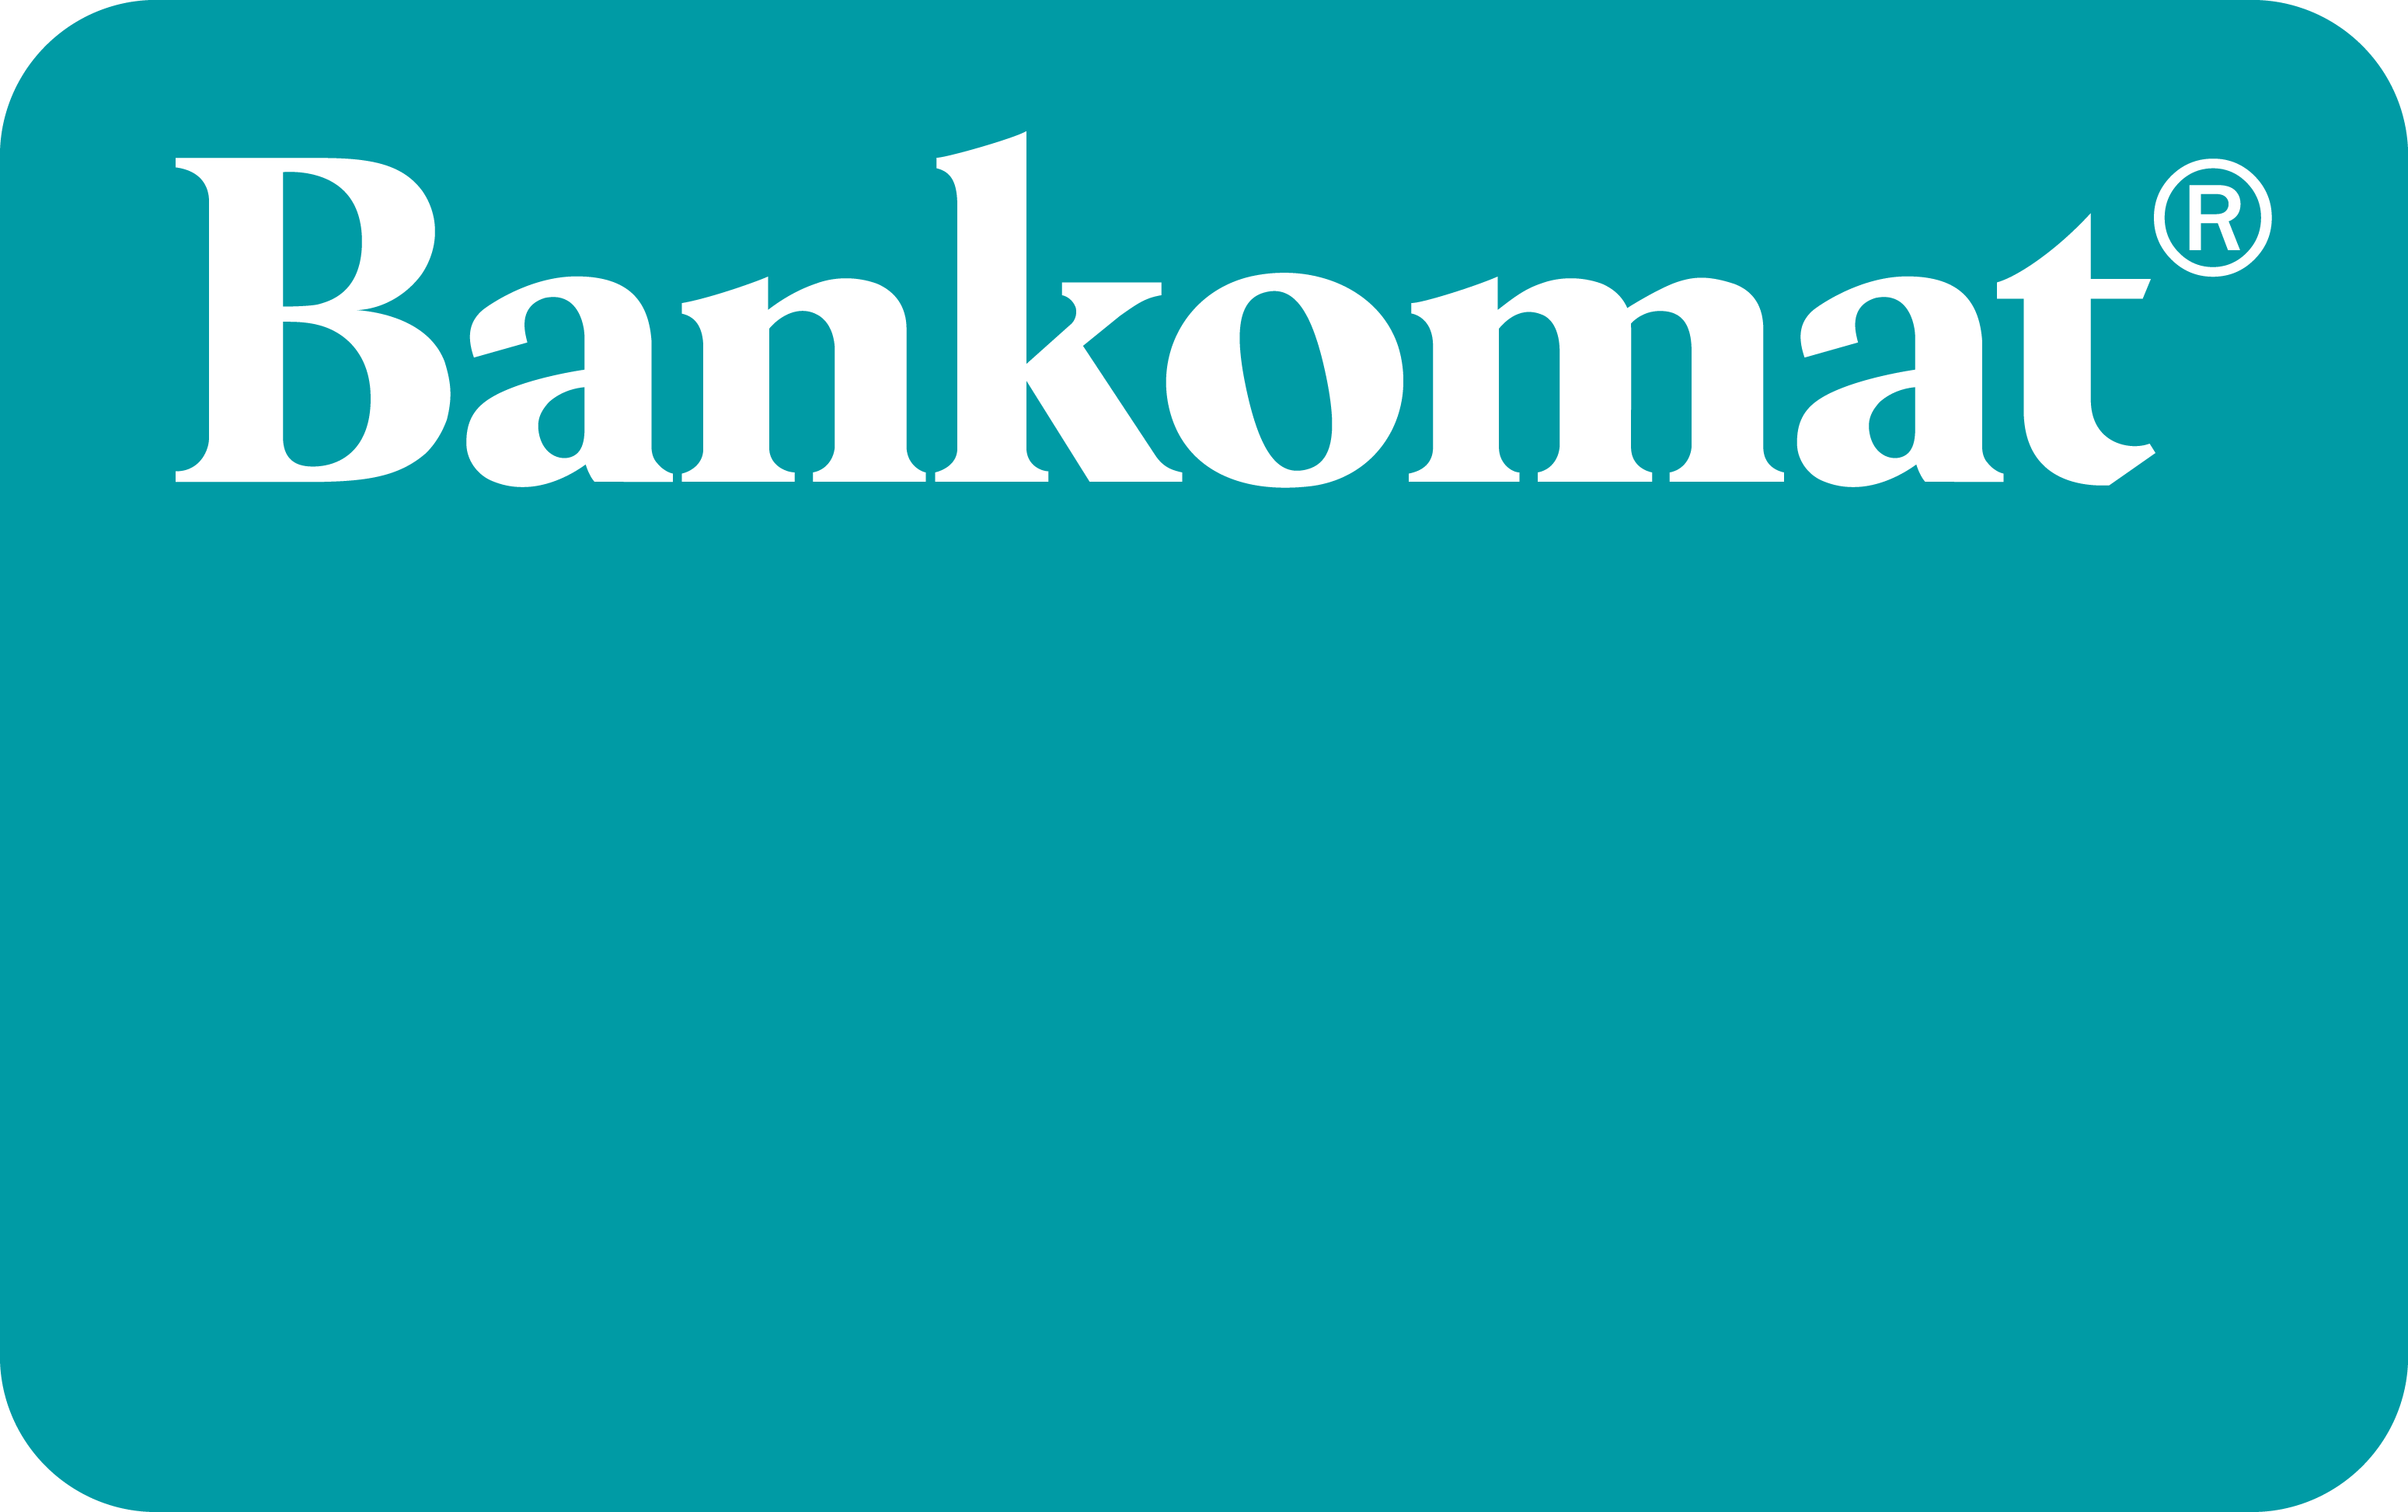 RGB_Logo_Bankomat